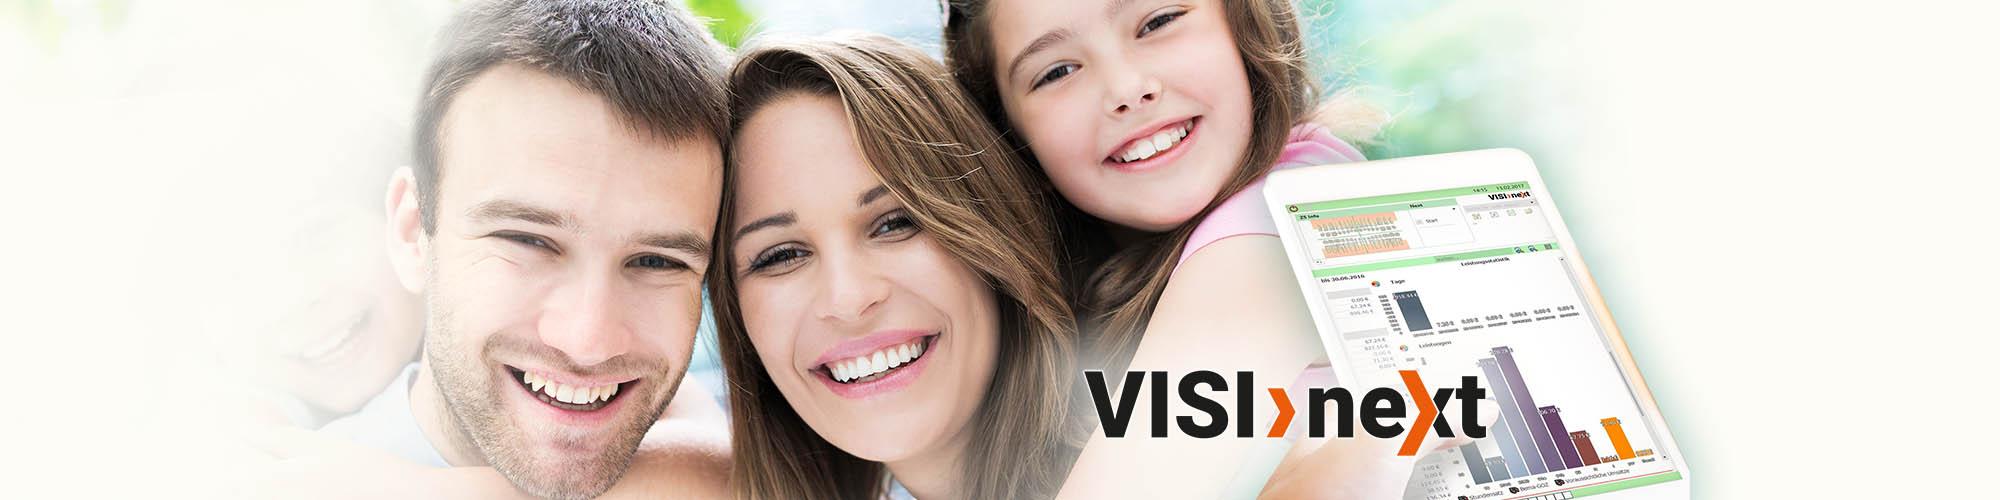 VISInext Praxismanagement Software für Zahnärzte privat - BDV Branchen-Daten-Verarbeitung GmbH